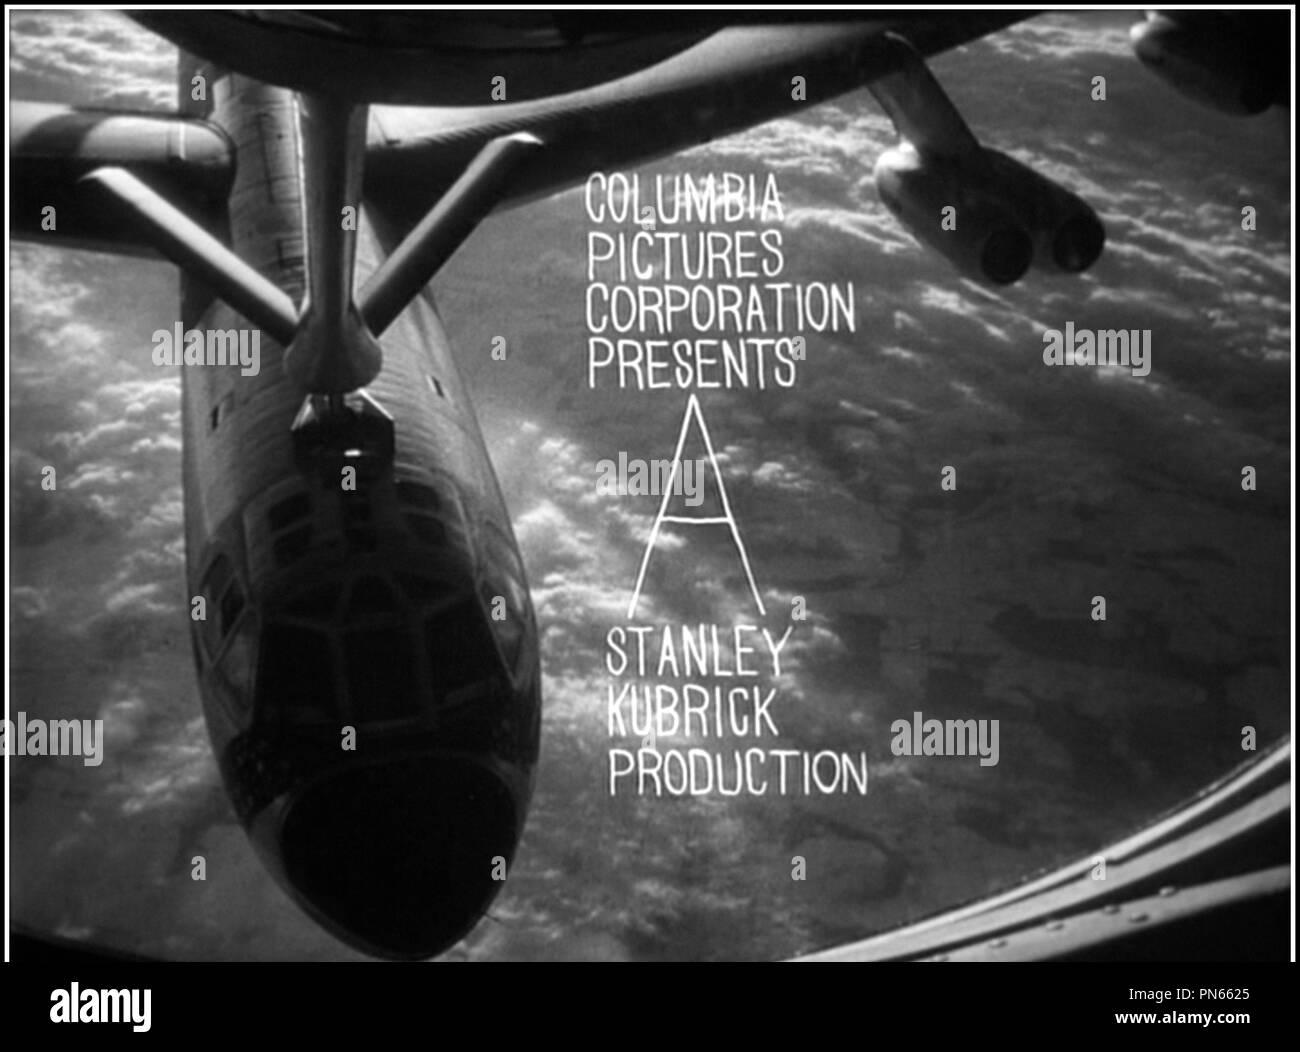 Prod DB © Hawk Films / DR DOCTEUR FOLAMOUR (DR STRANGELOVE - OR HOW I LEARNED TO STOP WORRYING AND LOVE THE BOMB) de Stanley Kubrick 1963 GB generique graphisme, bombardier, ravitaillement en vol, ravitaillement aerien, avion, aviation classique d'après le roman de Peter George - Stock Image